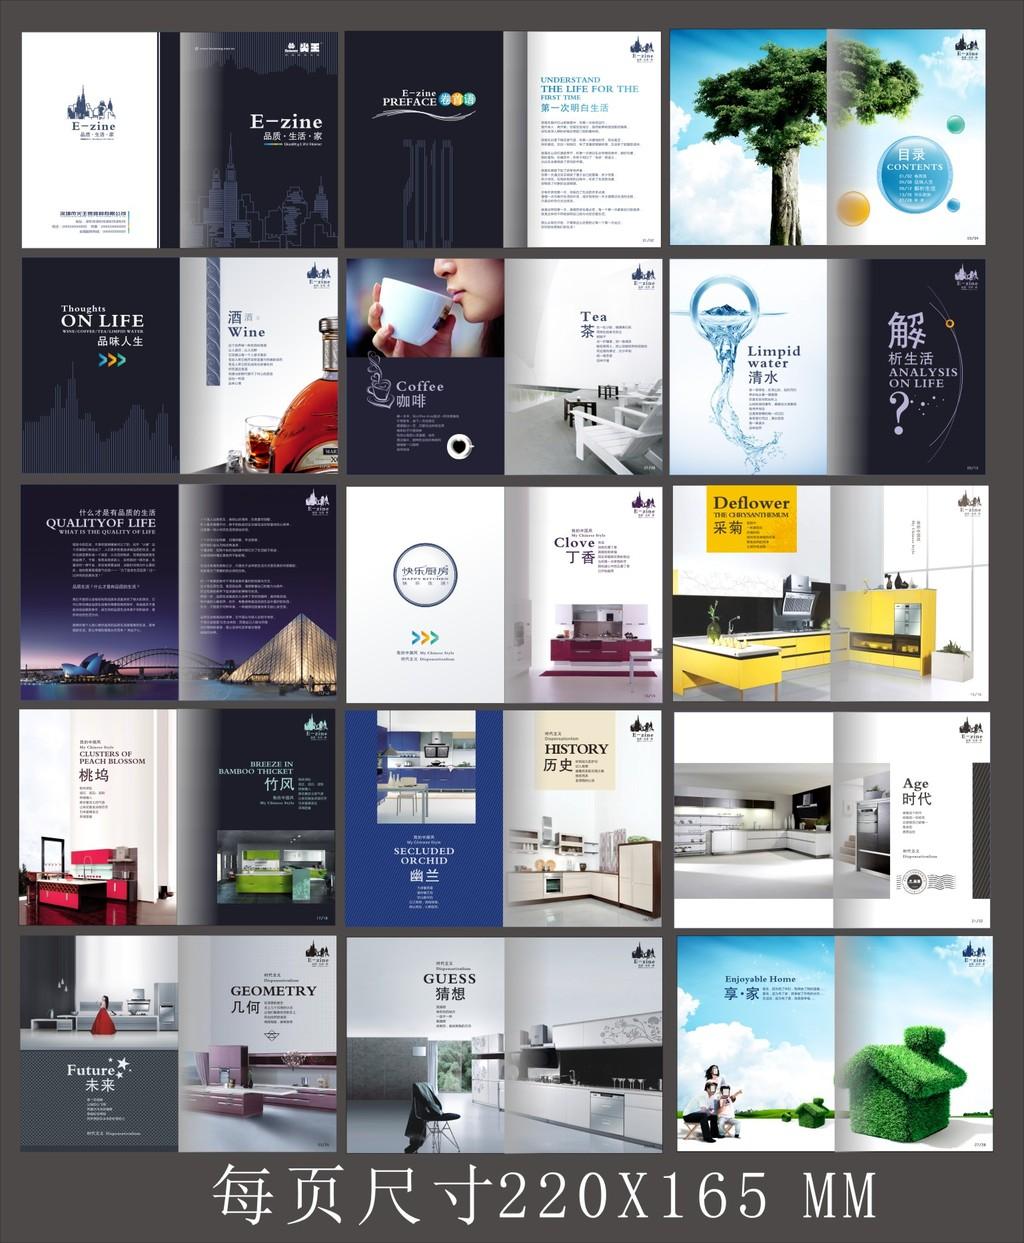 橱柜画册图片下载 橱柜 画册设计 宣传册 产品样本 排版设计 公司画册